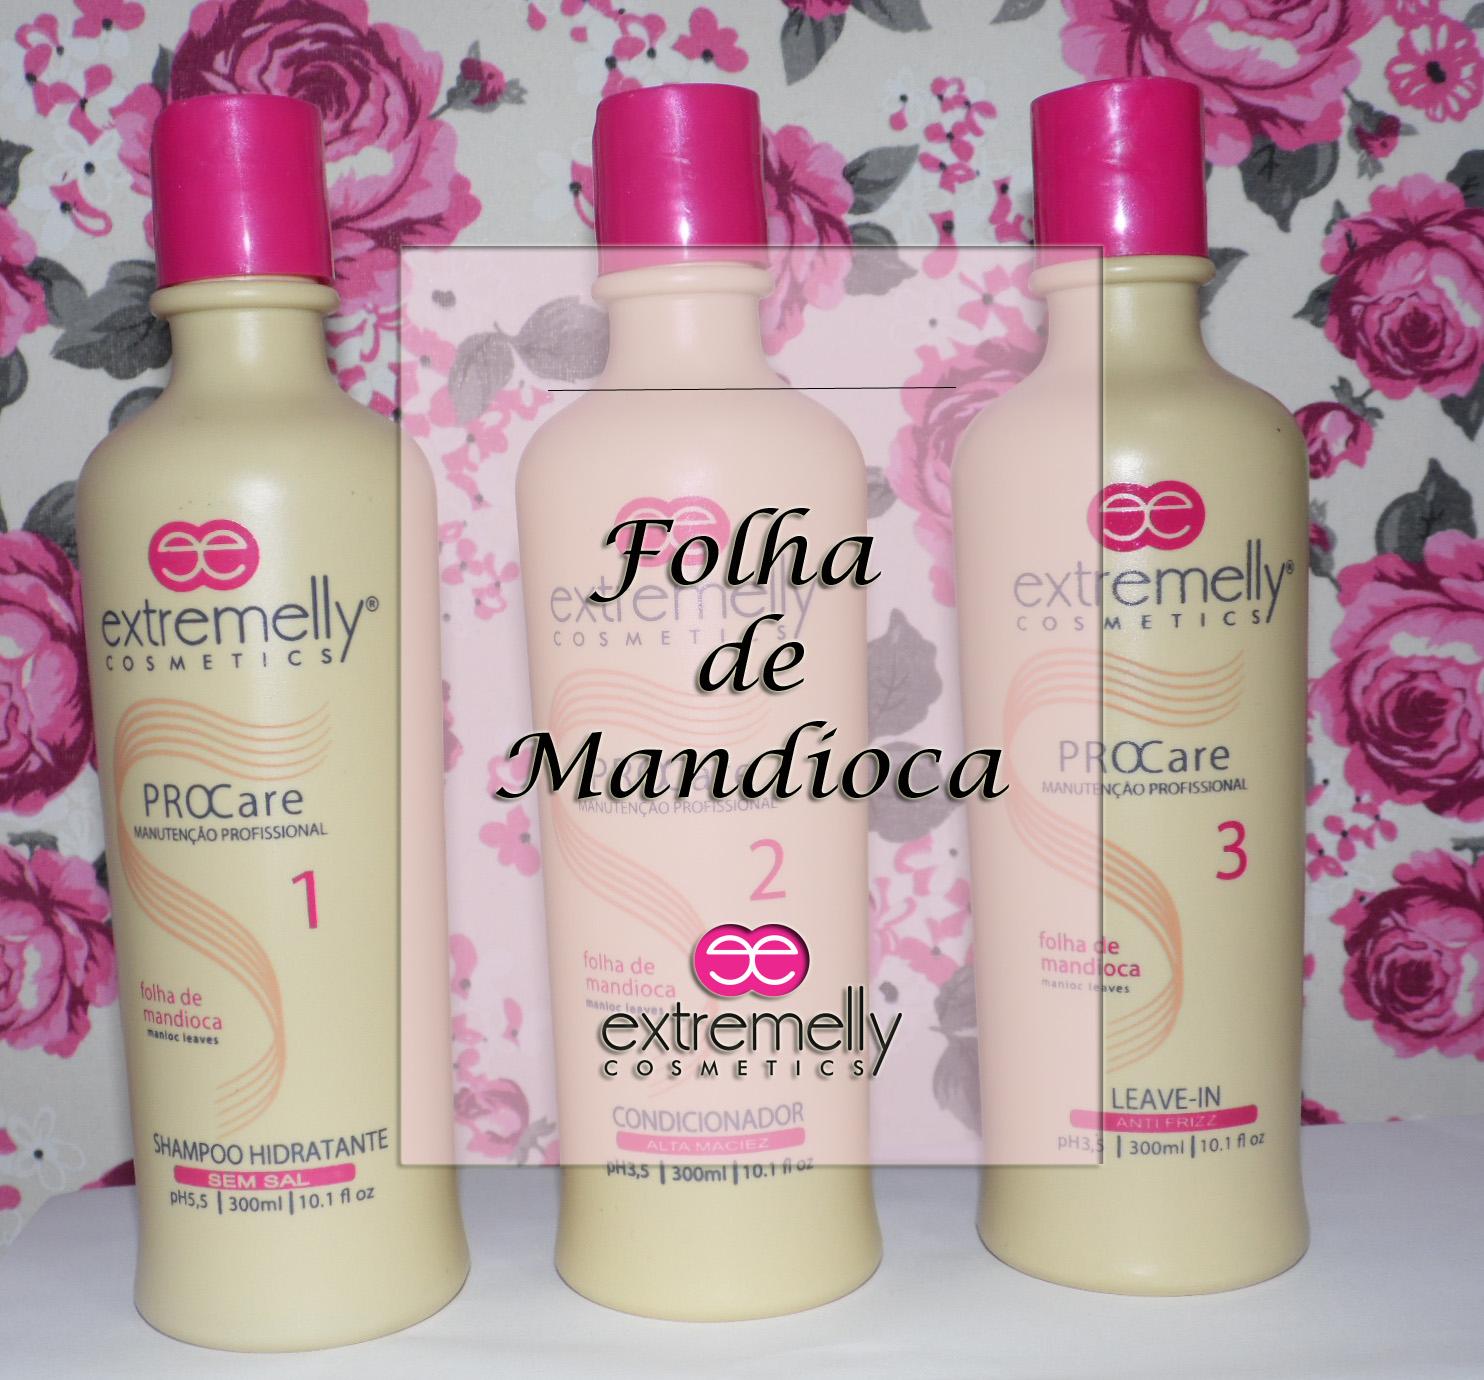 Folha de Mandioca - Extremelly Cosmetics